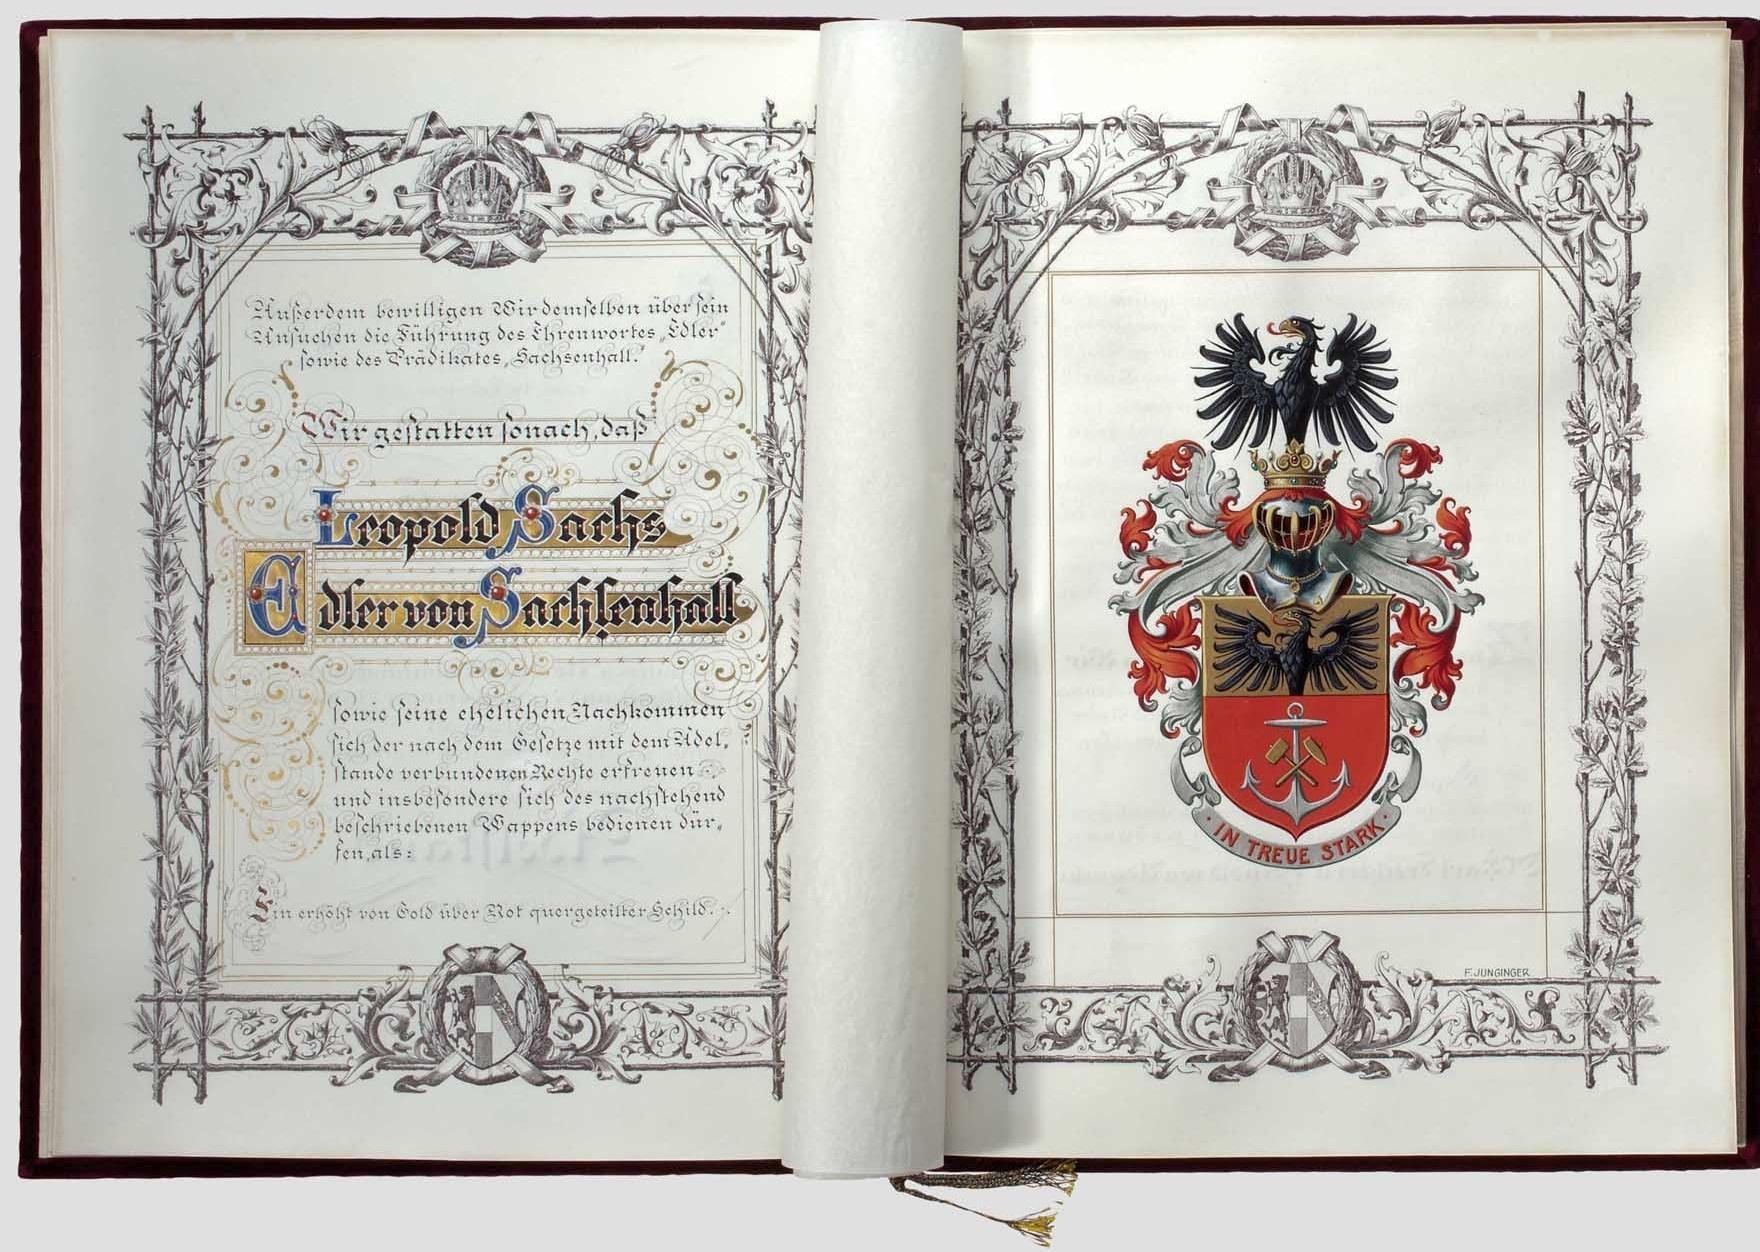 1912年,工业家萨克斯·冯·萨克森哈尔被弗朗茨·约瑟夫皇帝封为贵族